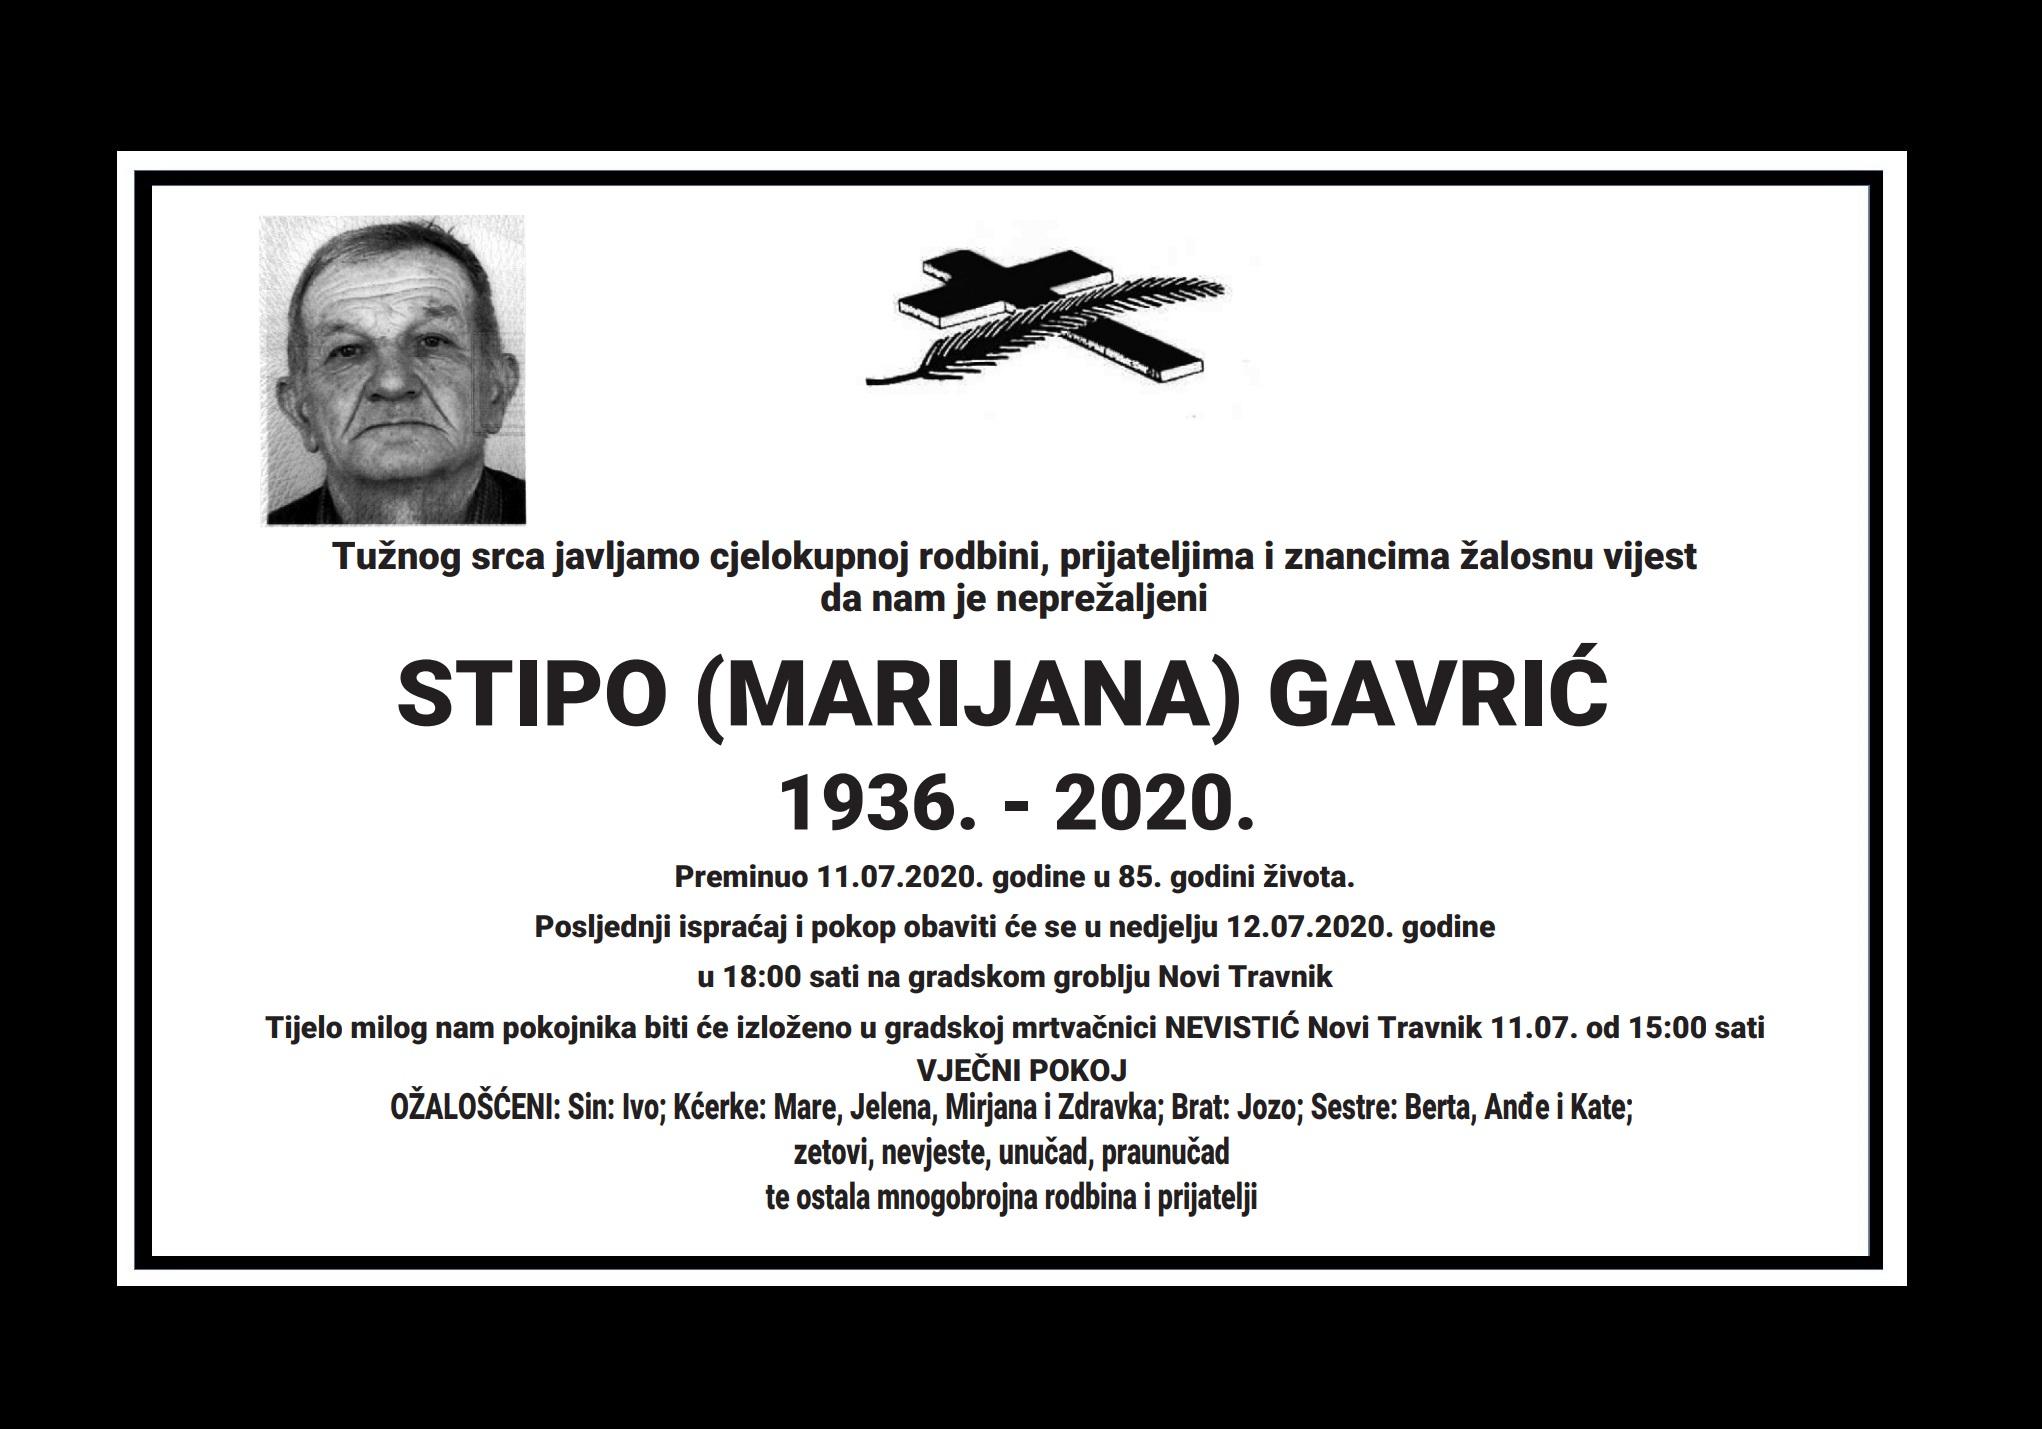 Stipo (Marijana) Gavrić